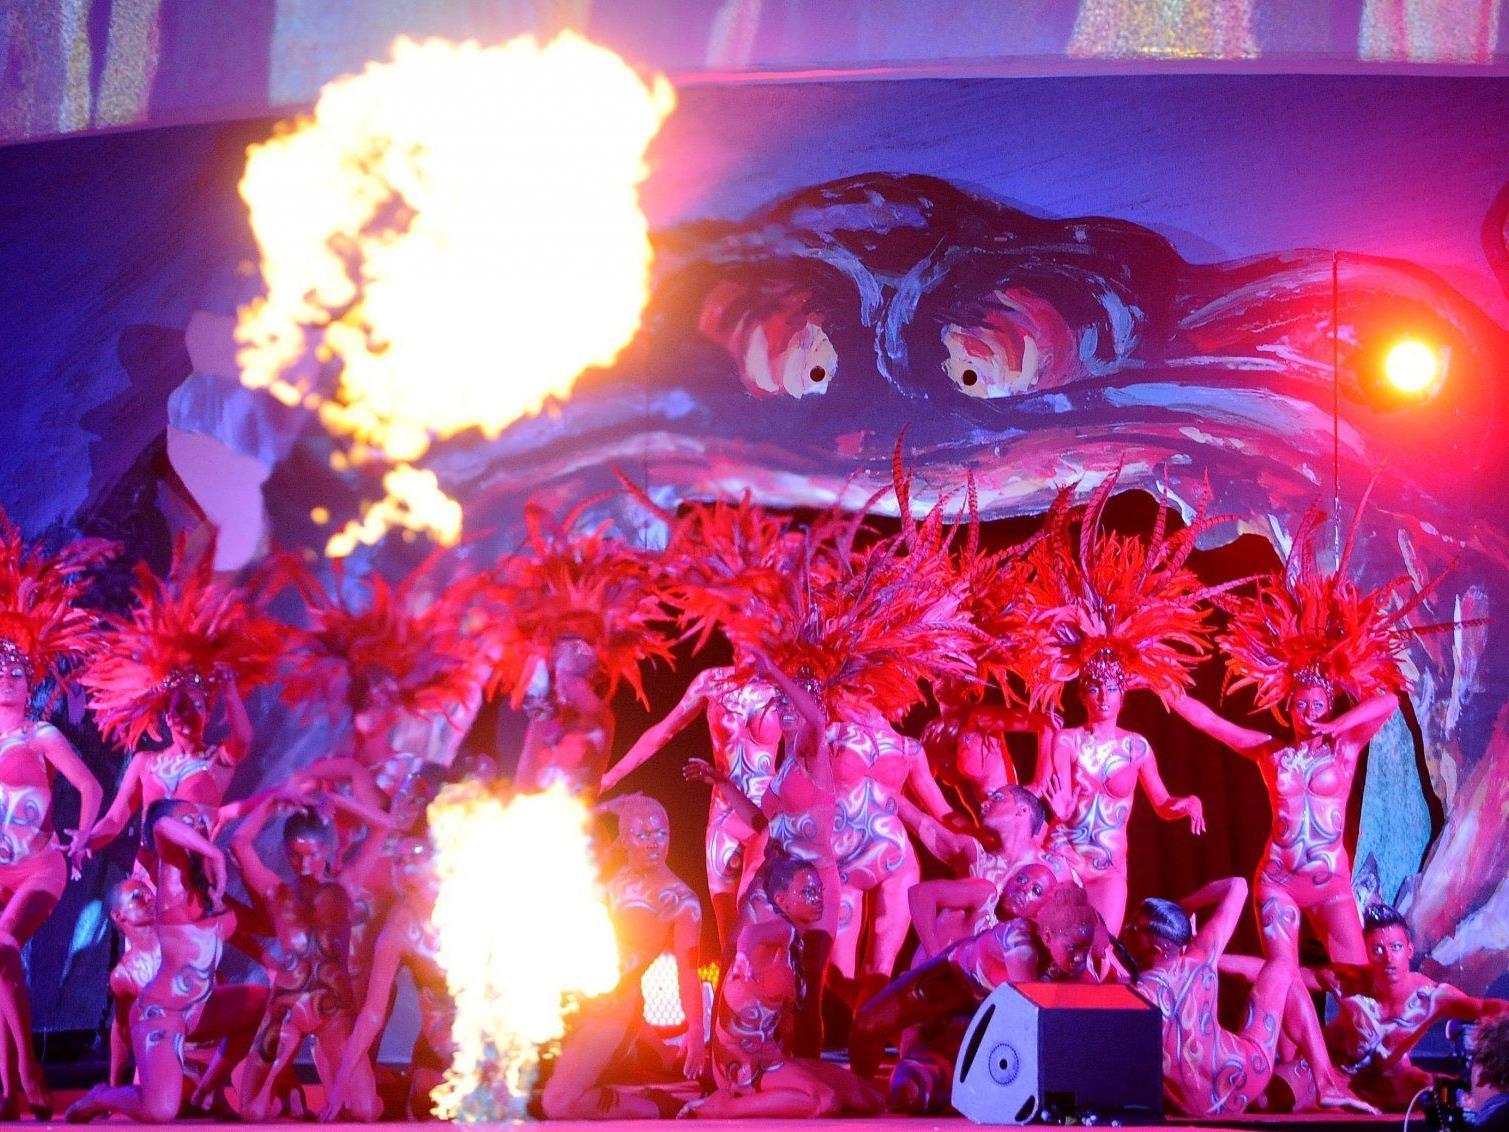 Wir berichten live von der Eröffnung des Life Ball 2012.